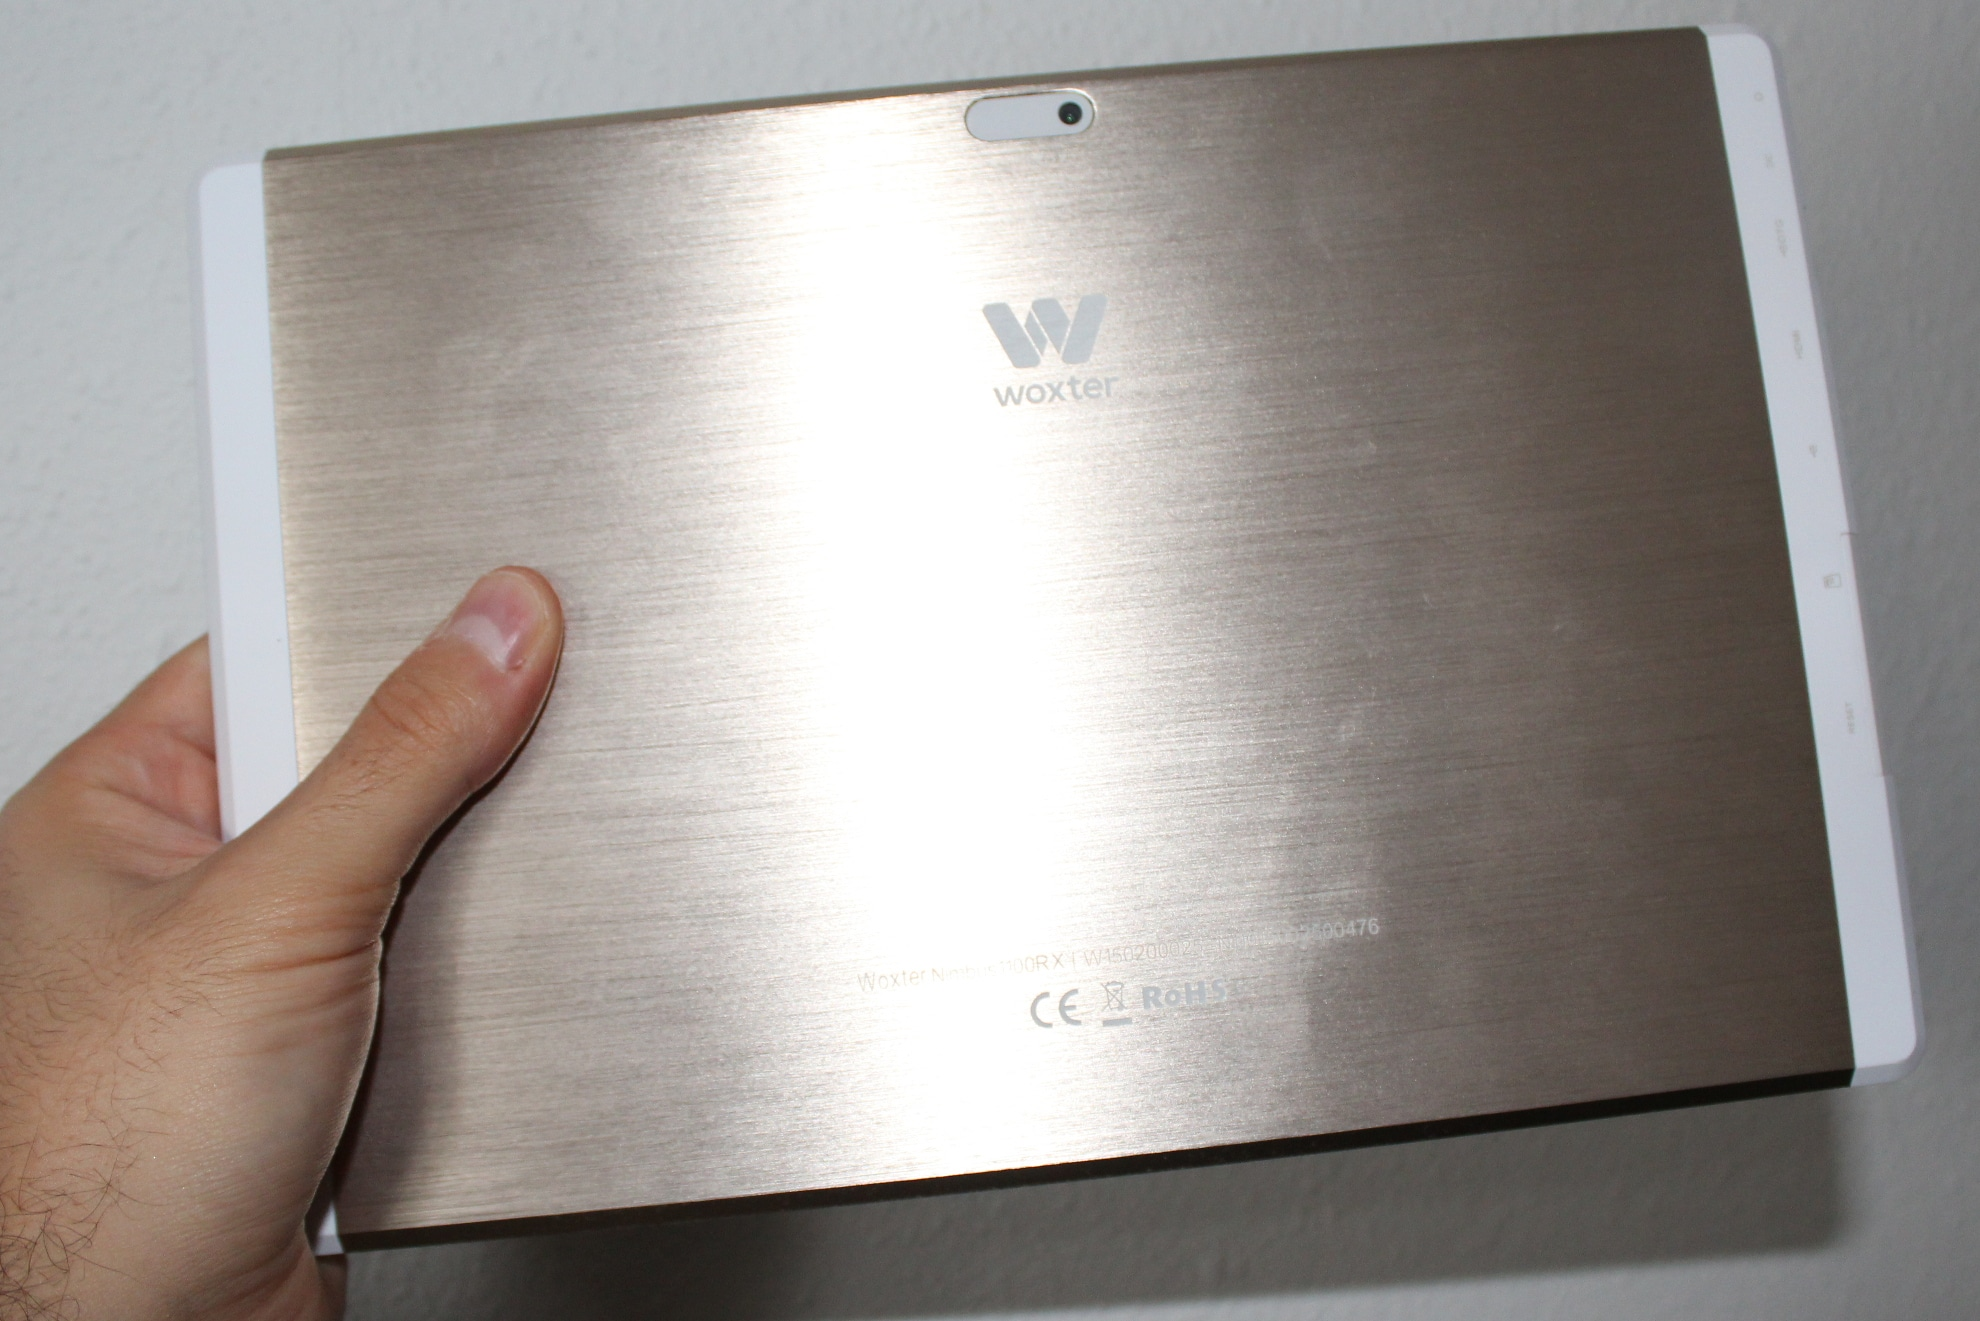 Woxter Nimbus 1100 RX Dorada